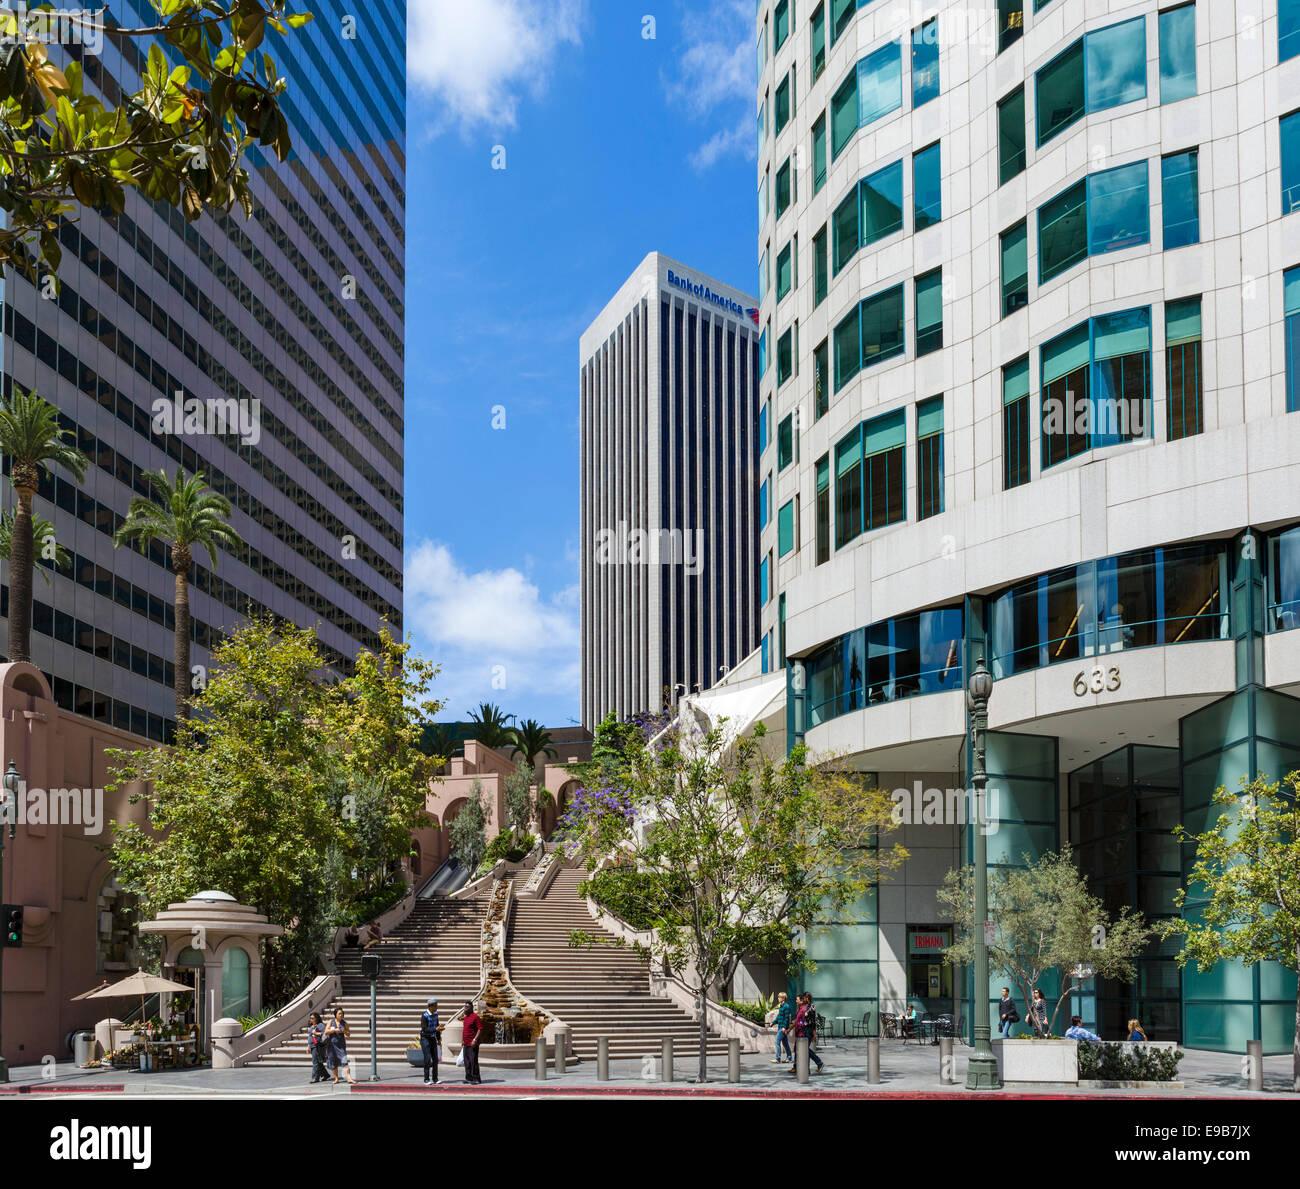 Bunker Hill passi, Bank of America e noi Banca d'ingresso alla Torre nel centro di Los Angeles, California, Immagini Stock